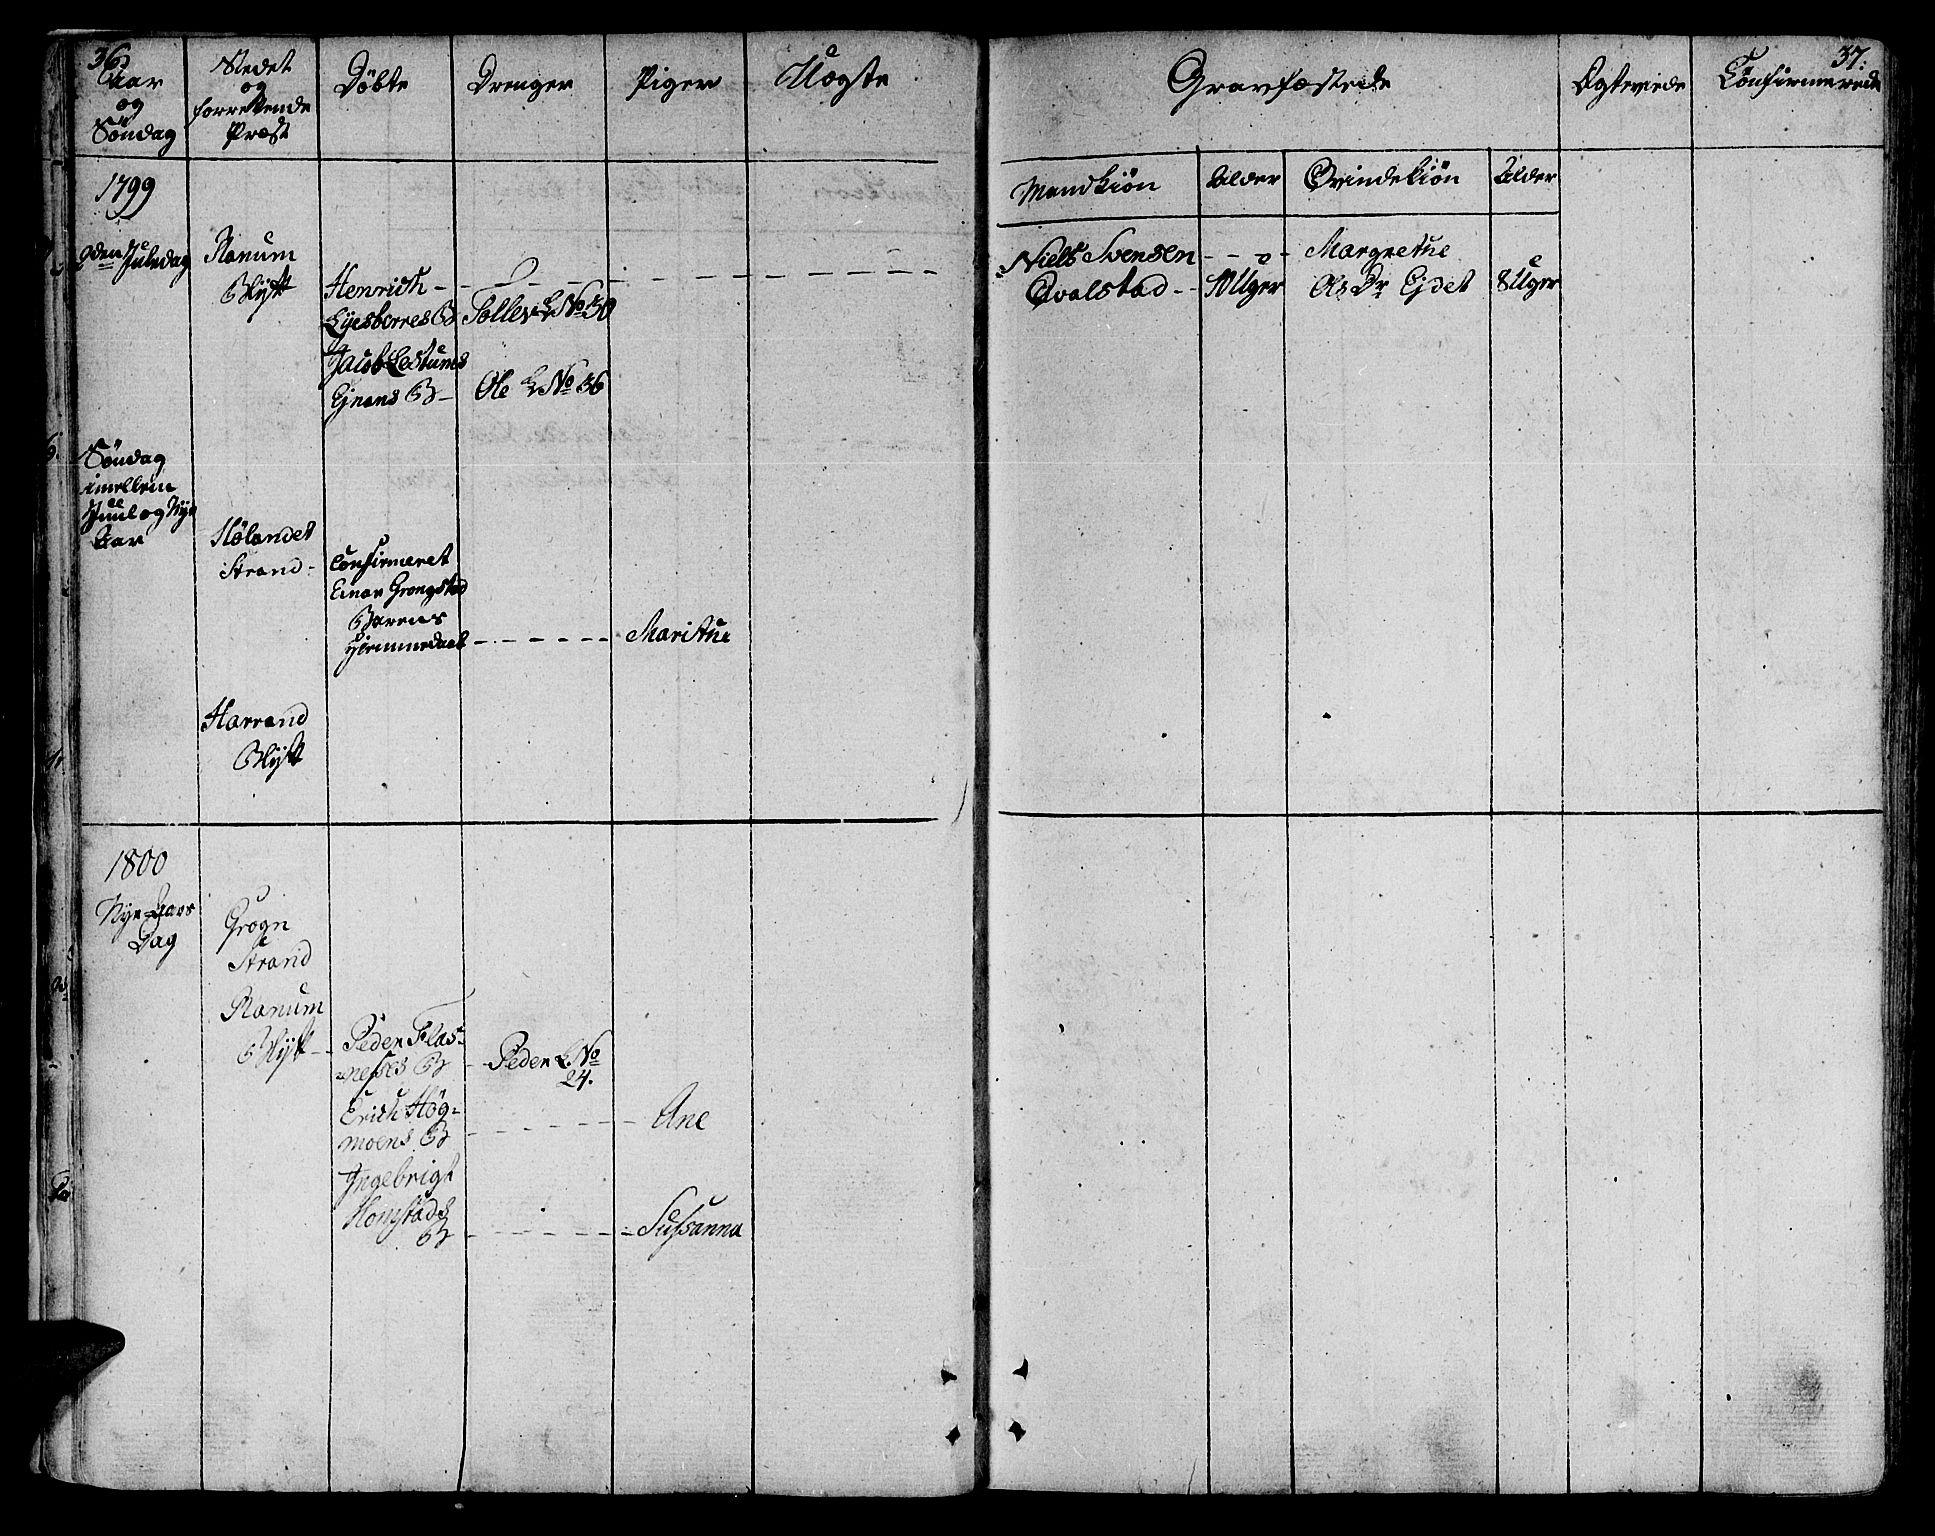 SAT, Ministerialprotokoller, klokkerbøker og fødselsregistre - Nord-Trøndelag, 764/L0545: Ministerialbok nr. 764A05, 1799-1816, s. 36-37